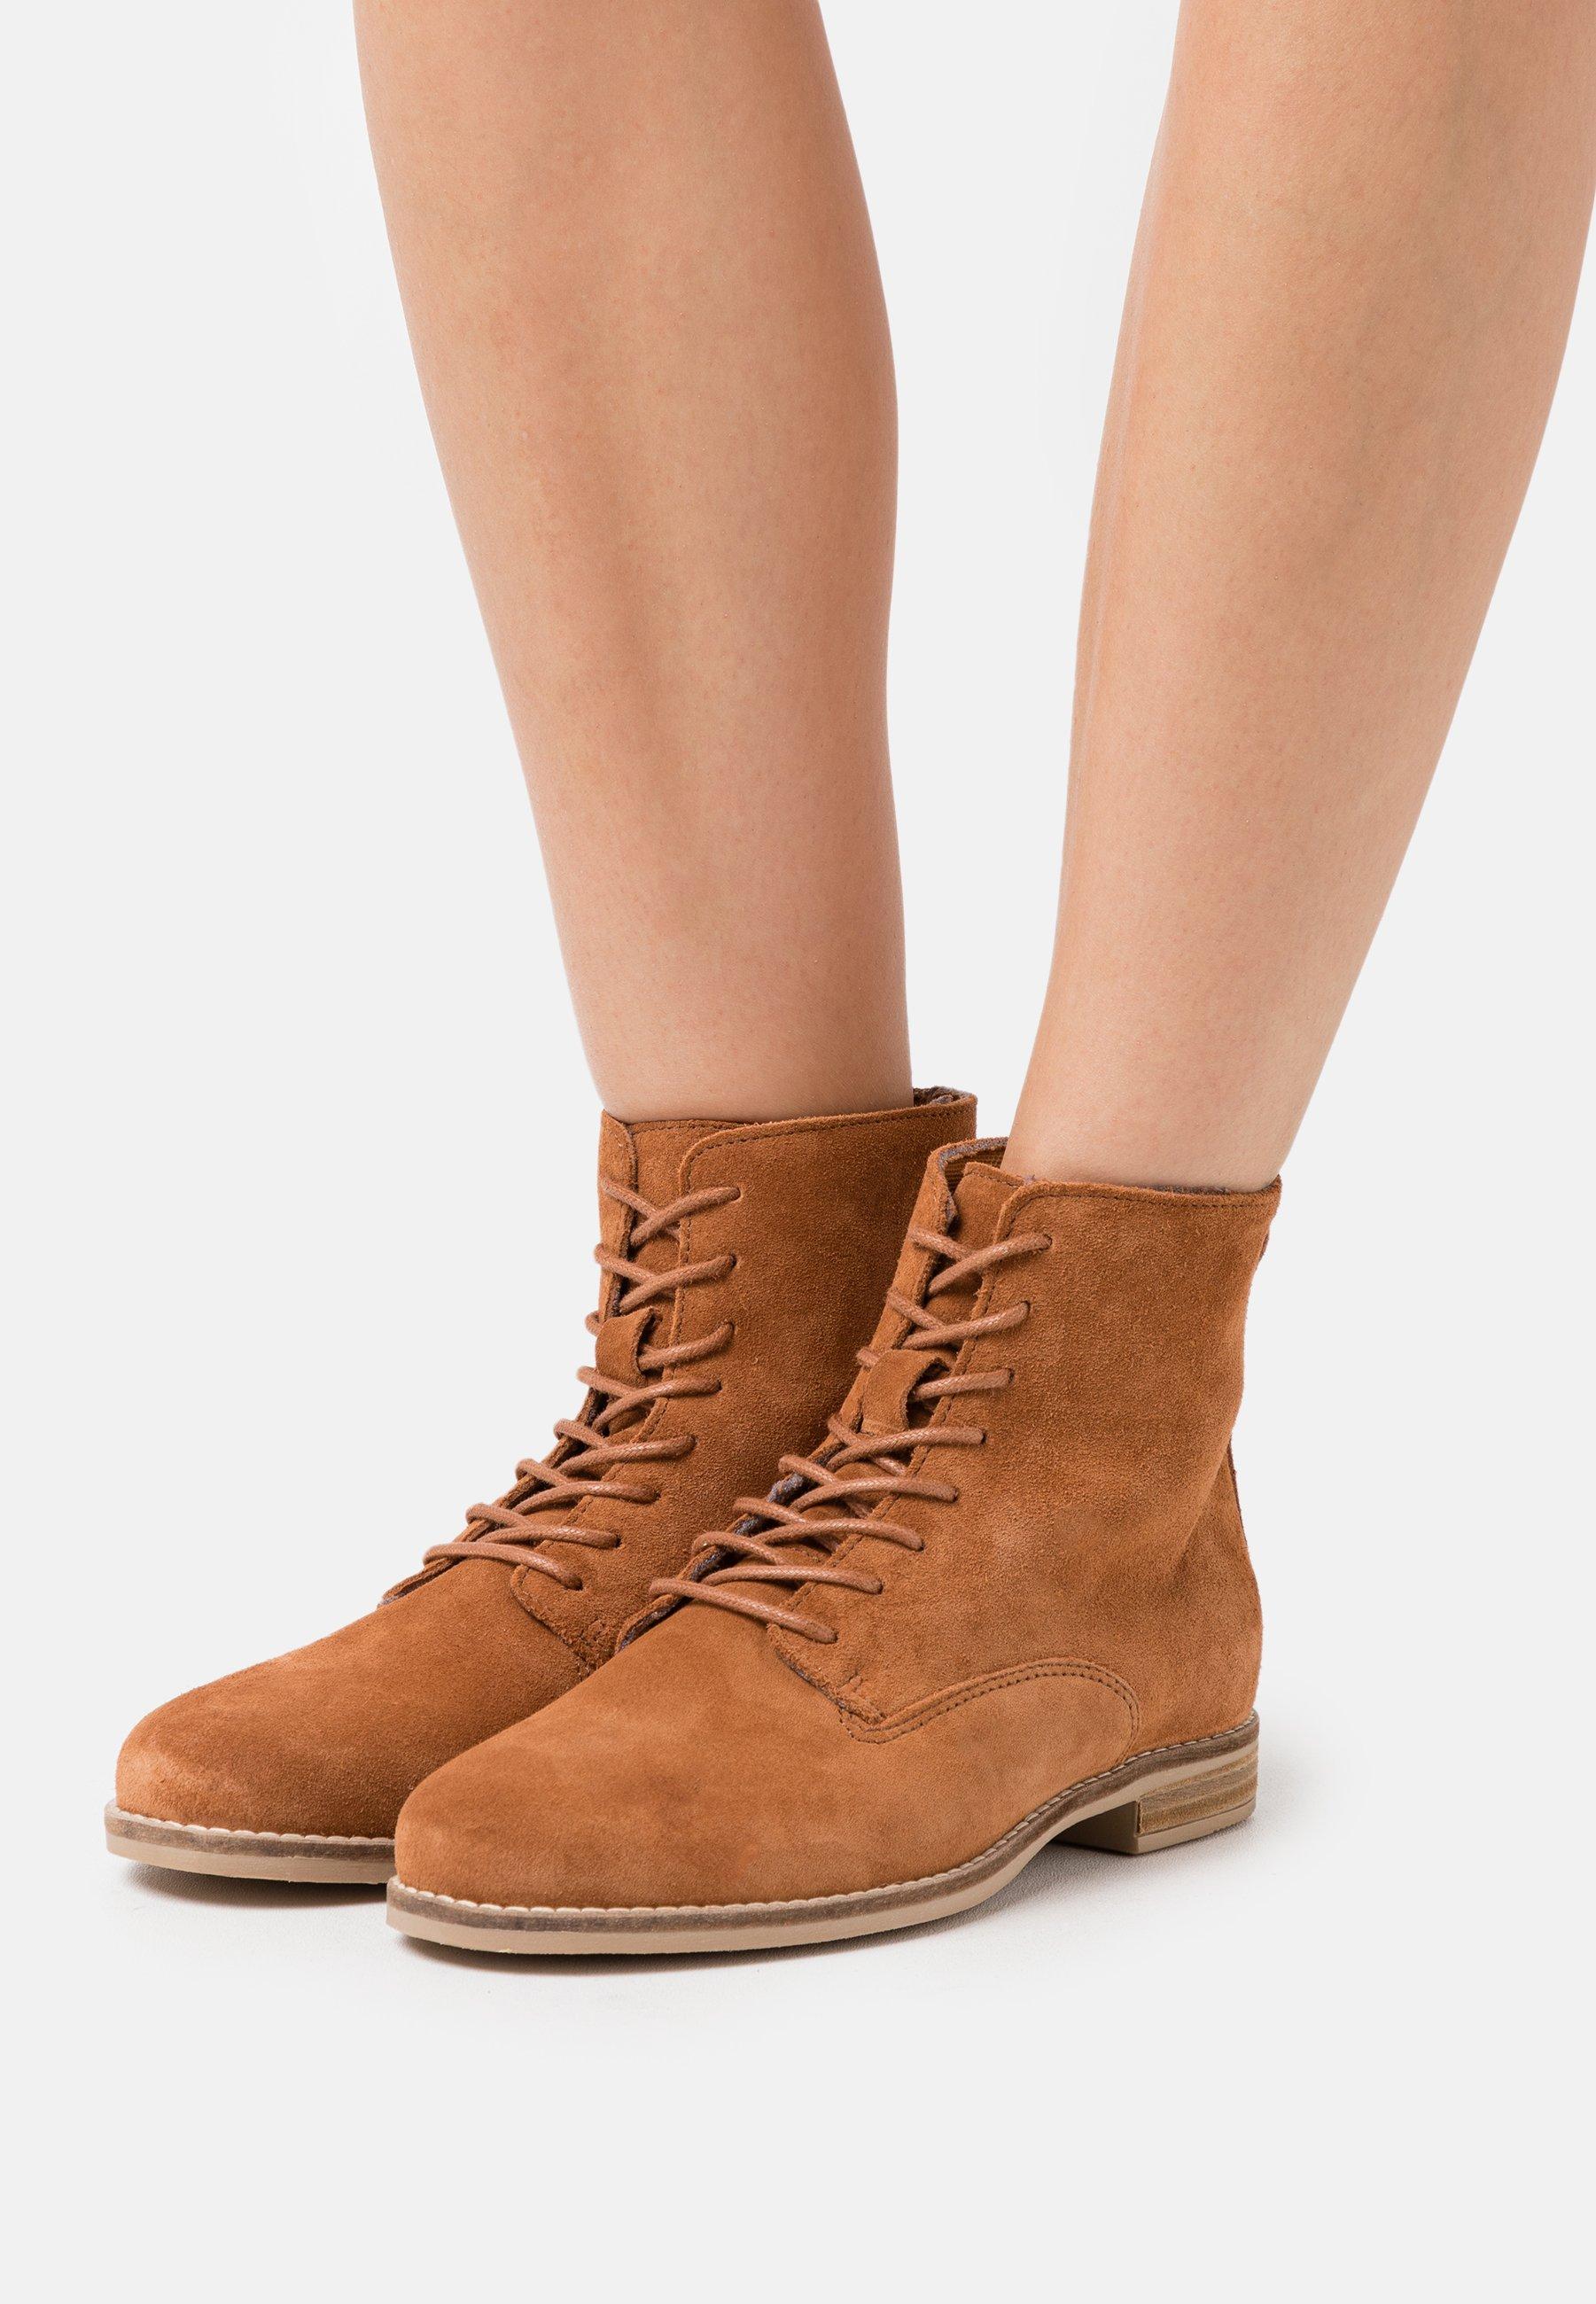 2020 Newest Online Shop Women's Shoes Anna Field LEATHER Lace-up ankle boots cognac hgQaZ6URi 3RBixMBpS